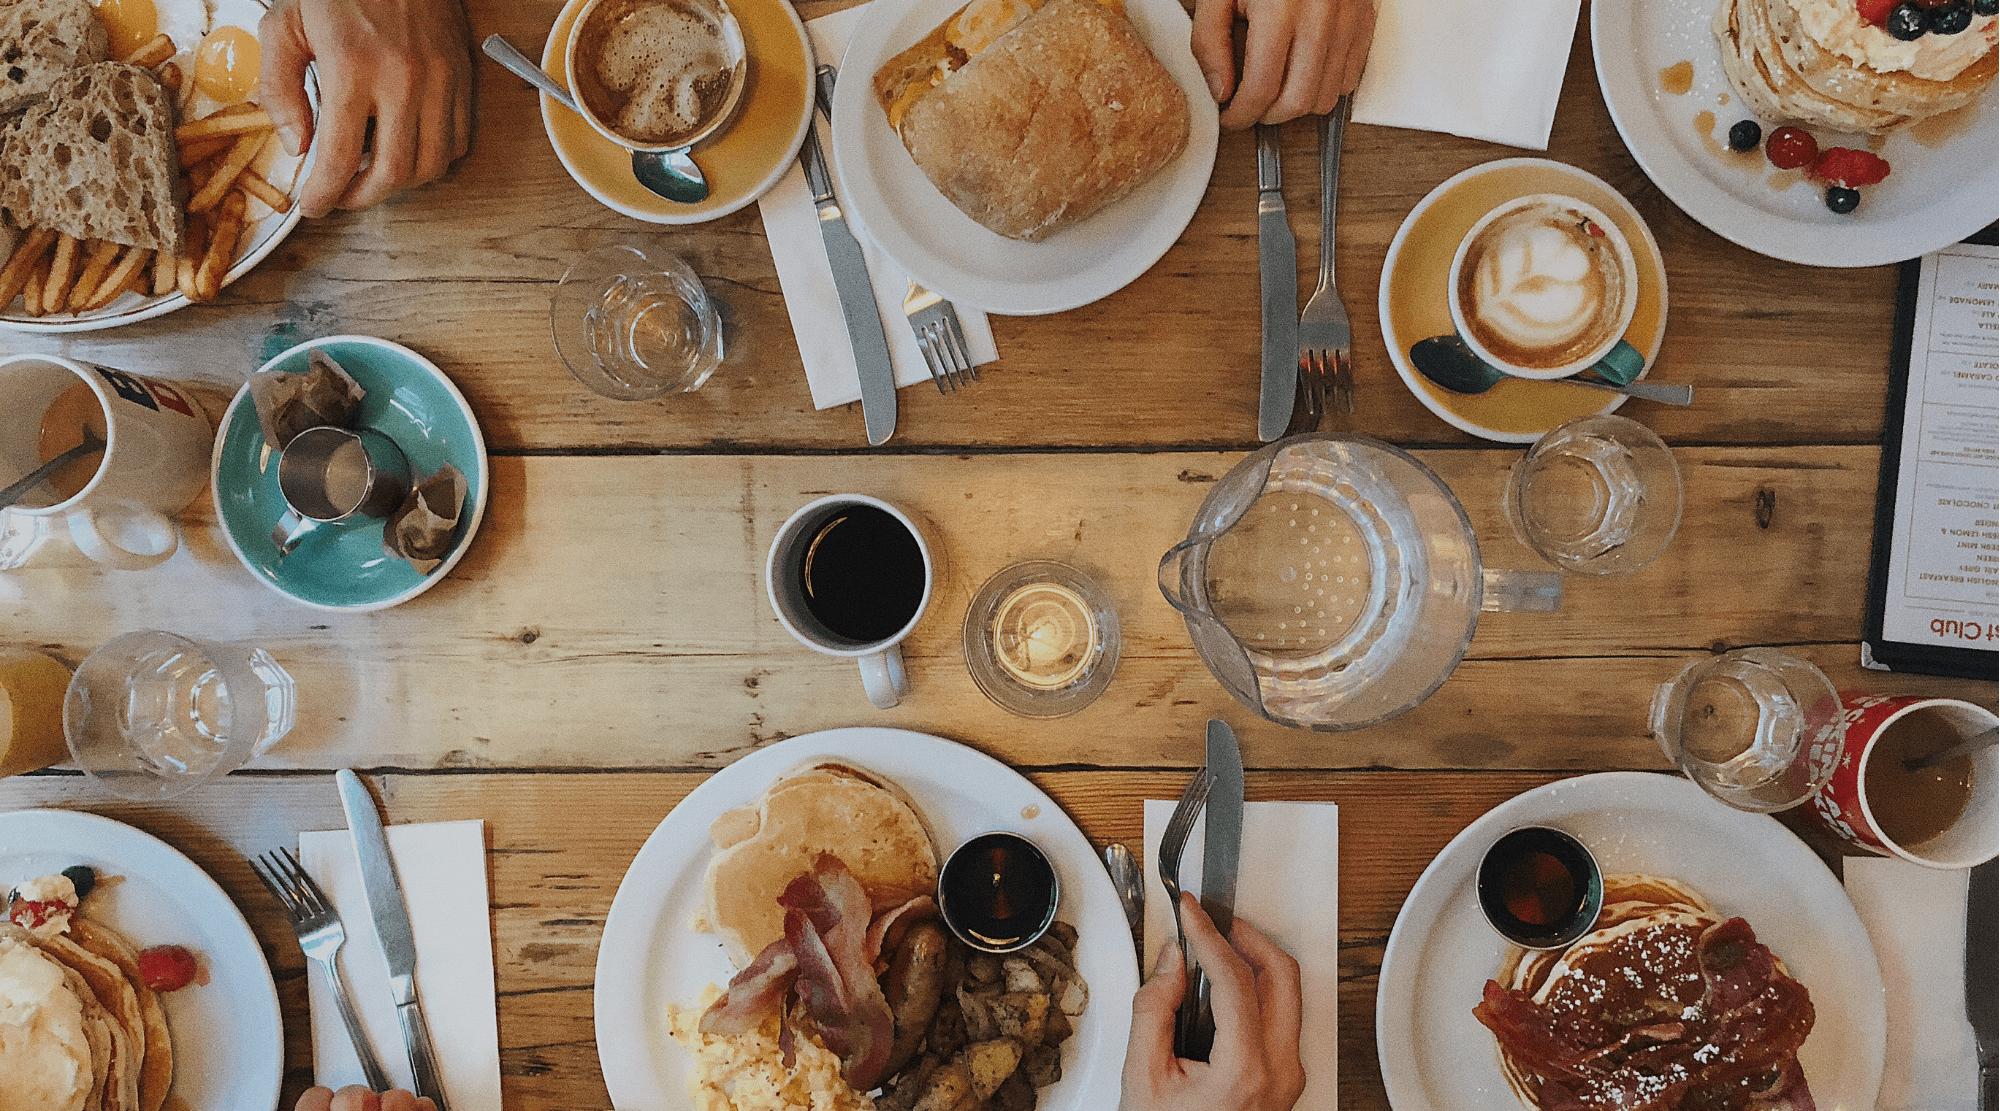 Noticias sobre alimentación, restauración y salud